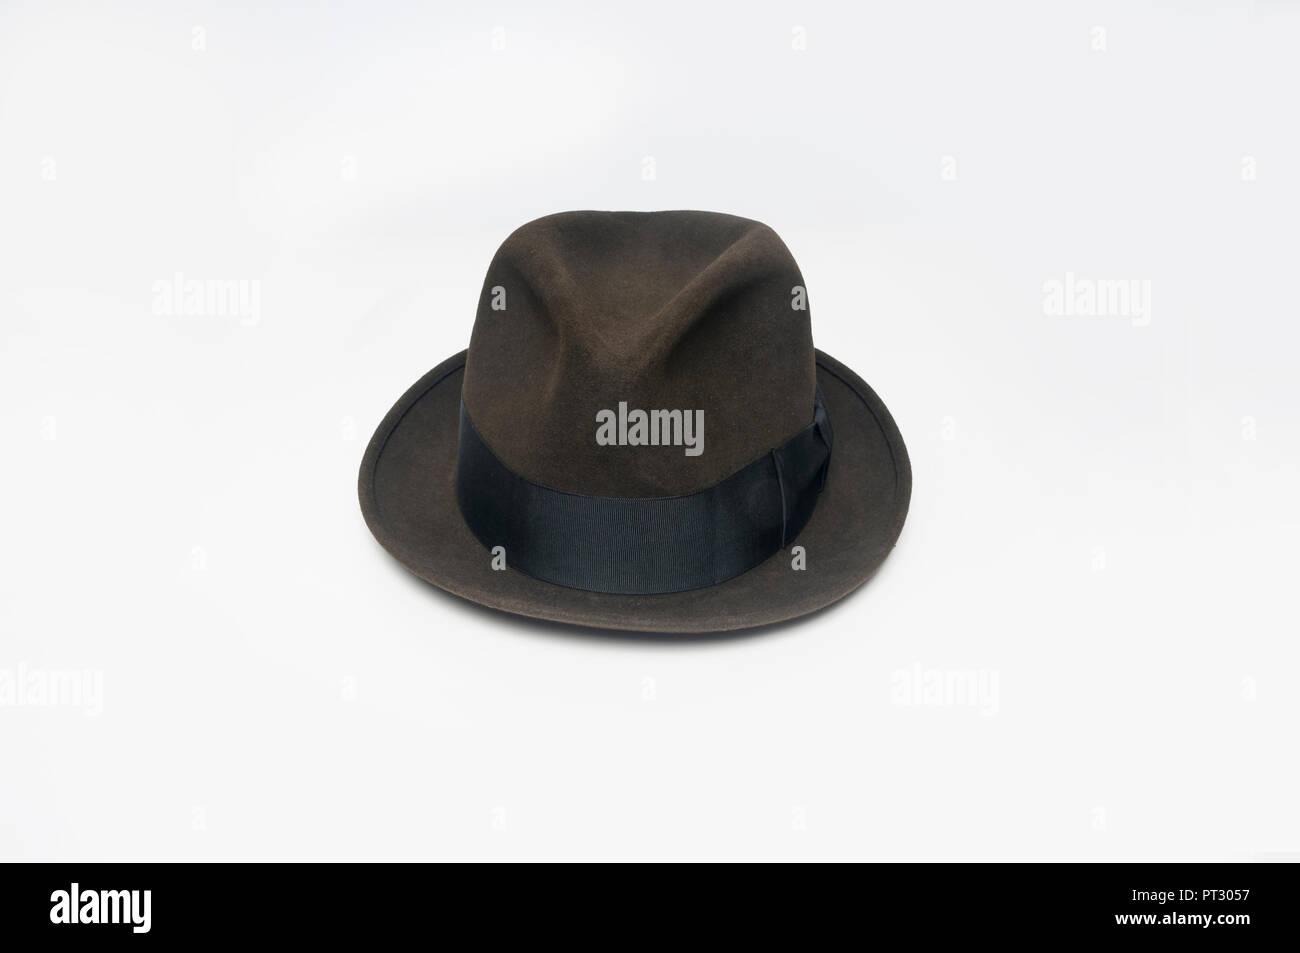 Un cappello o fedora, uno stile denominato un maiale-pie hat. Immagini Stock